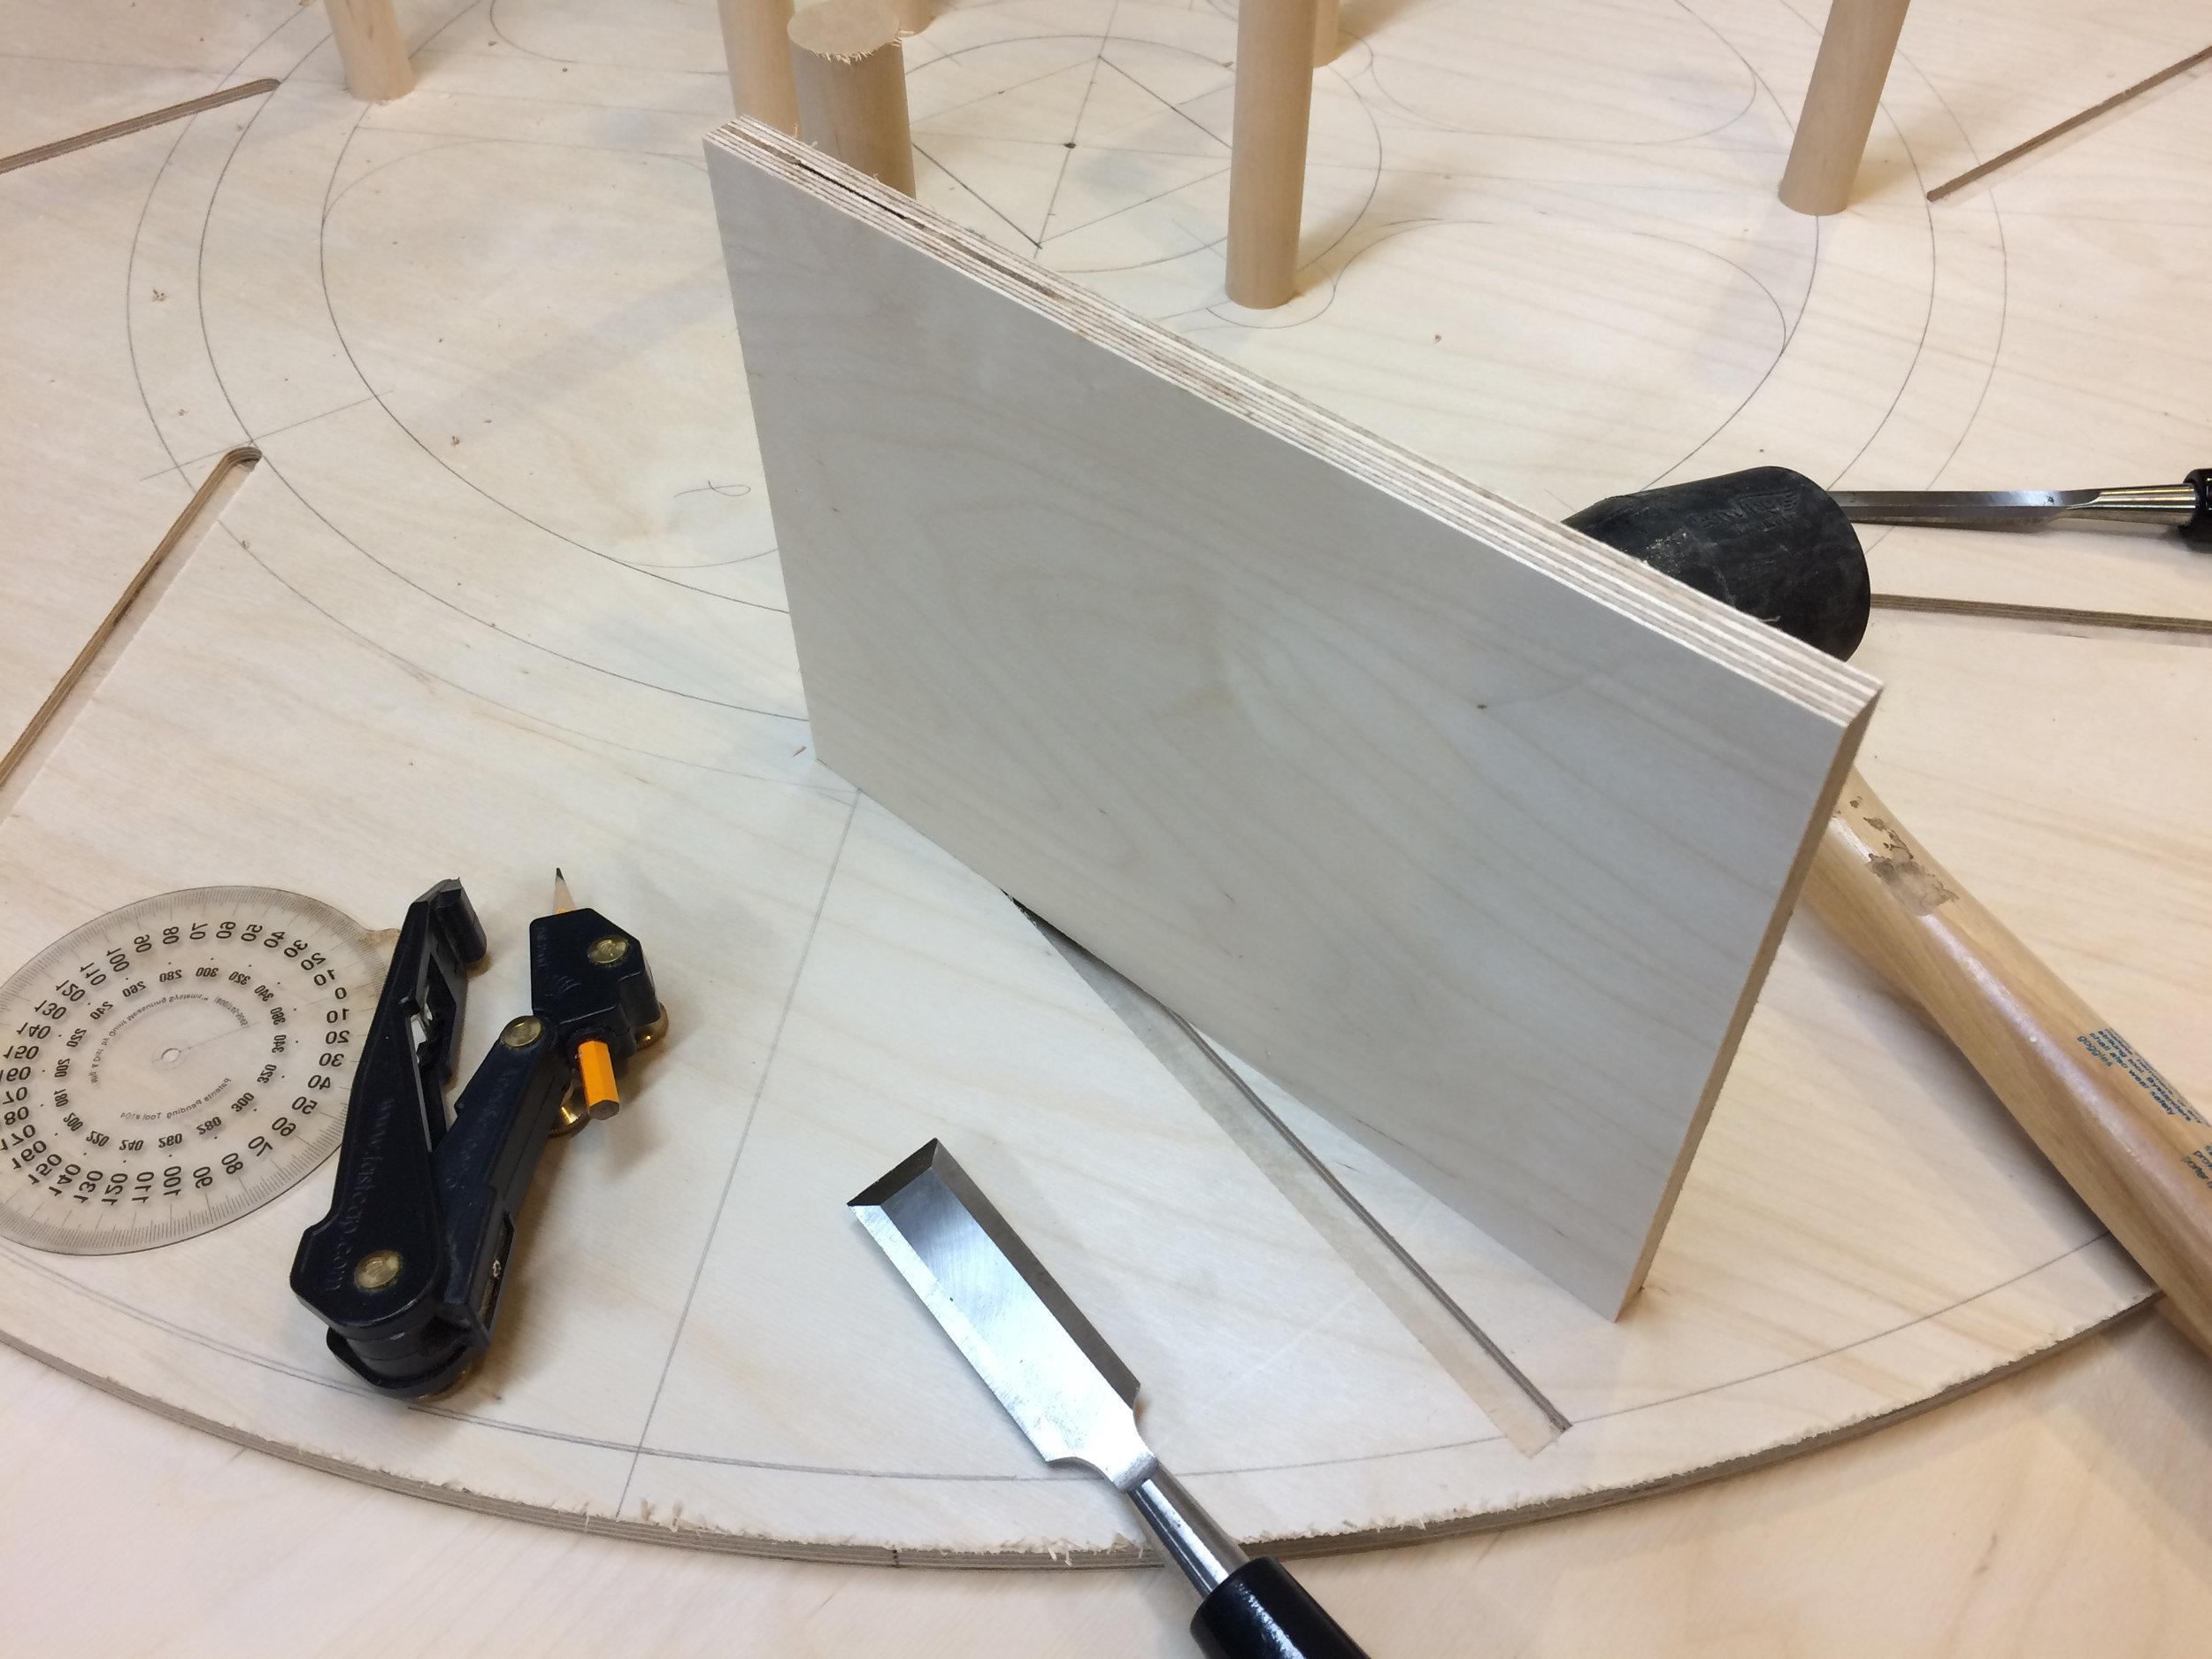 fin on wheel and corresponding dado